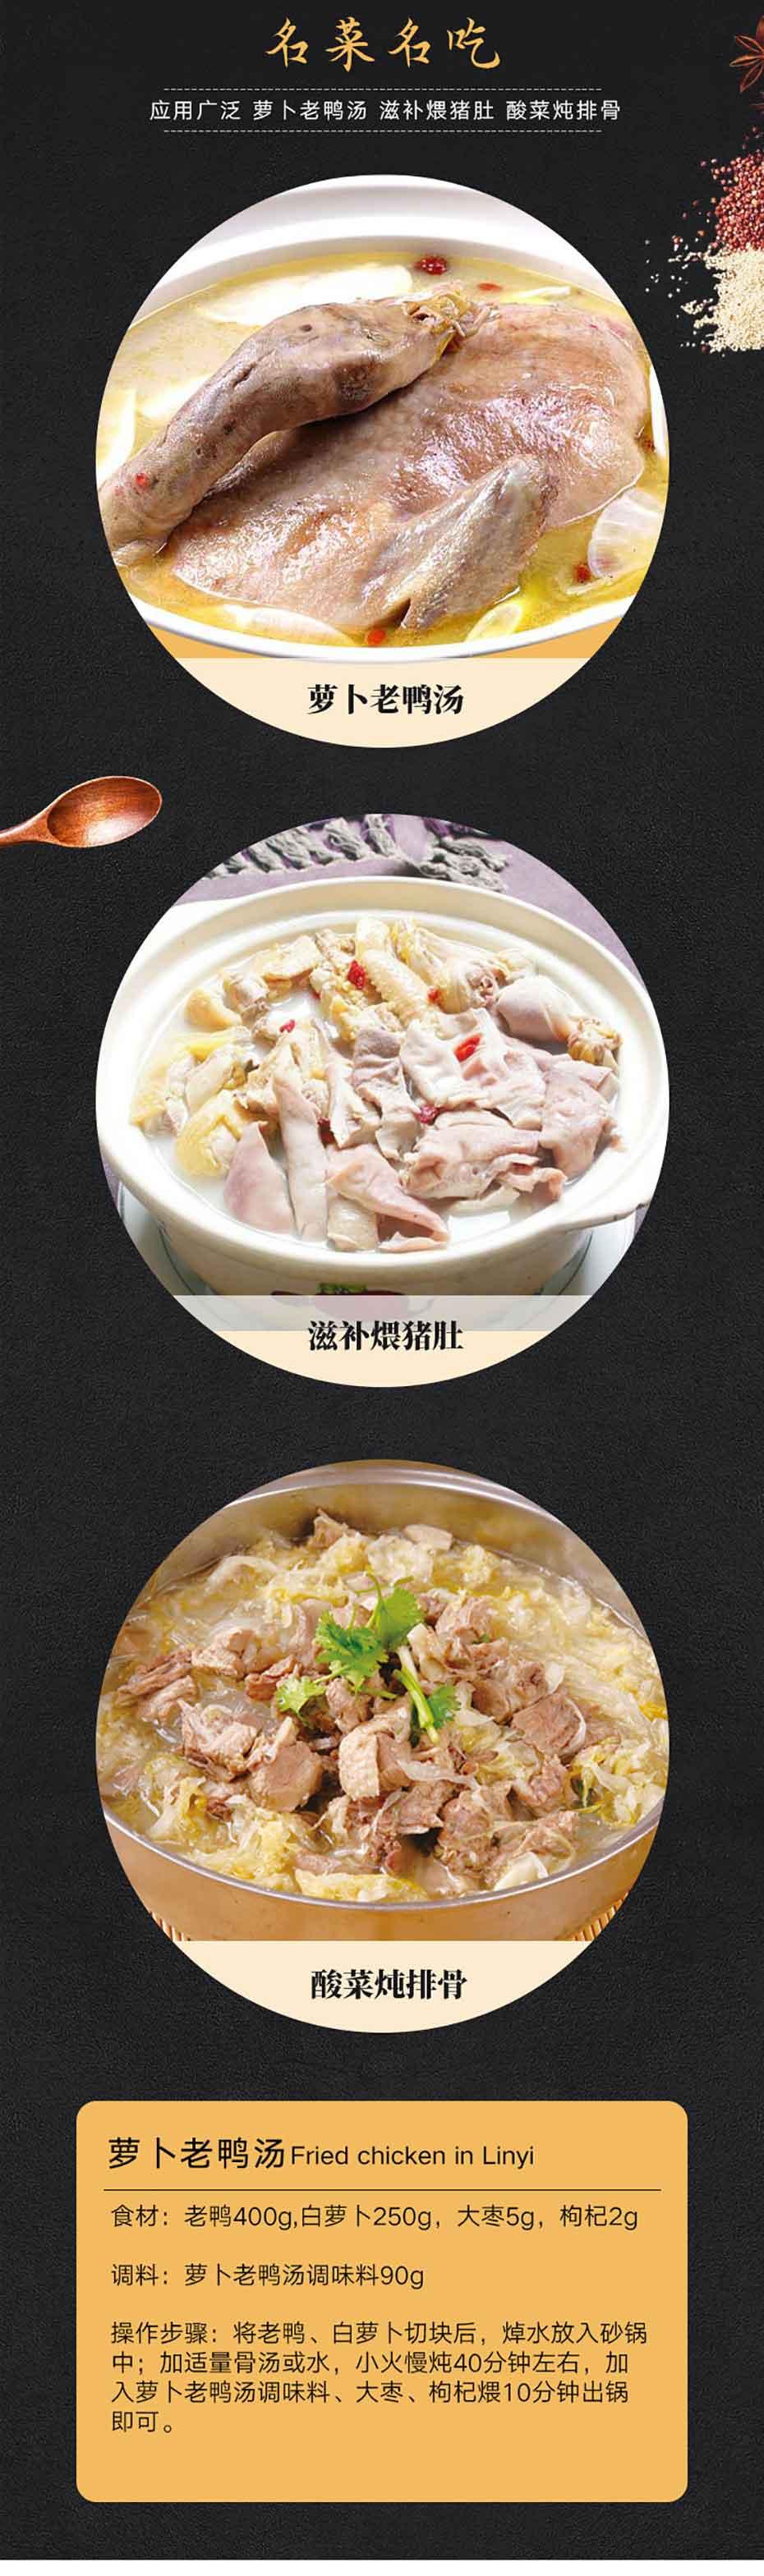 小石窖萝卜老鸭汤-大厨四宝